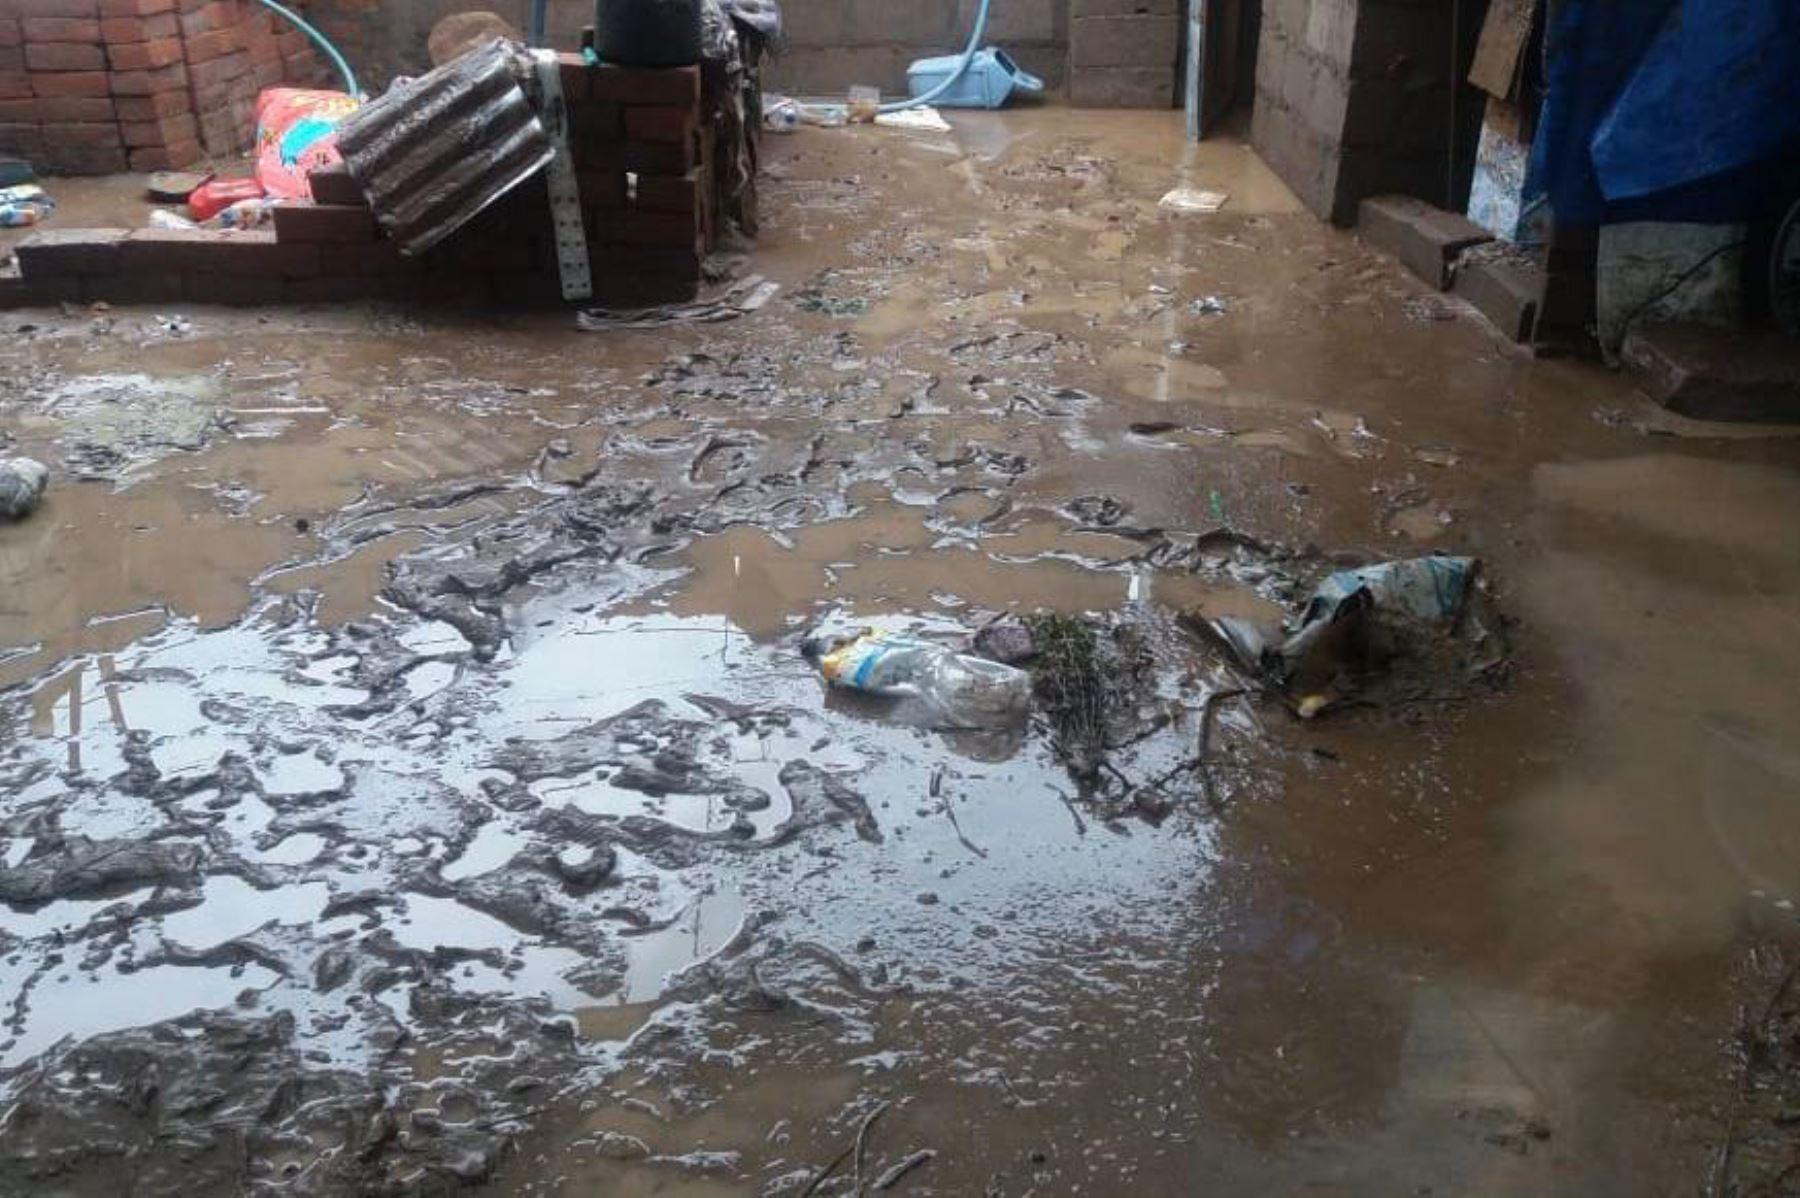 Lluvias intensas ocasionaron serios daños en viviendas del distrito de Quequeña, ubicado a una hora de la ciudad de Arequipa.